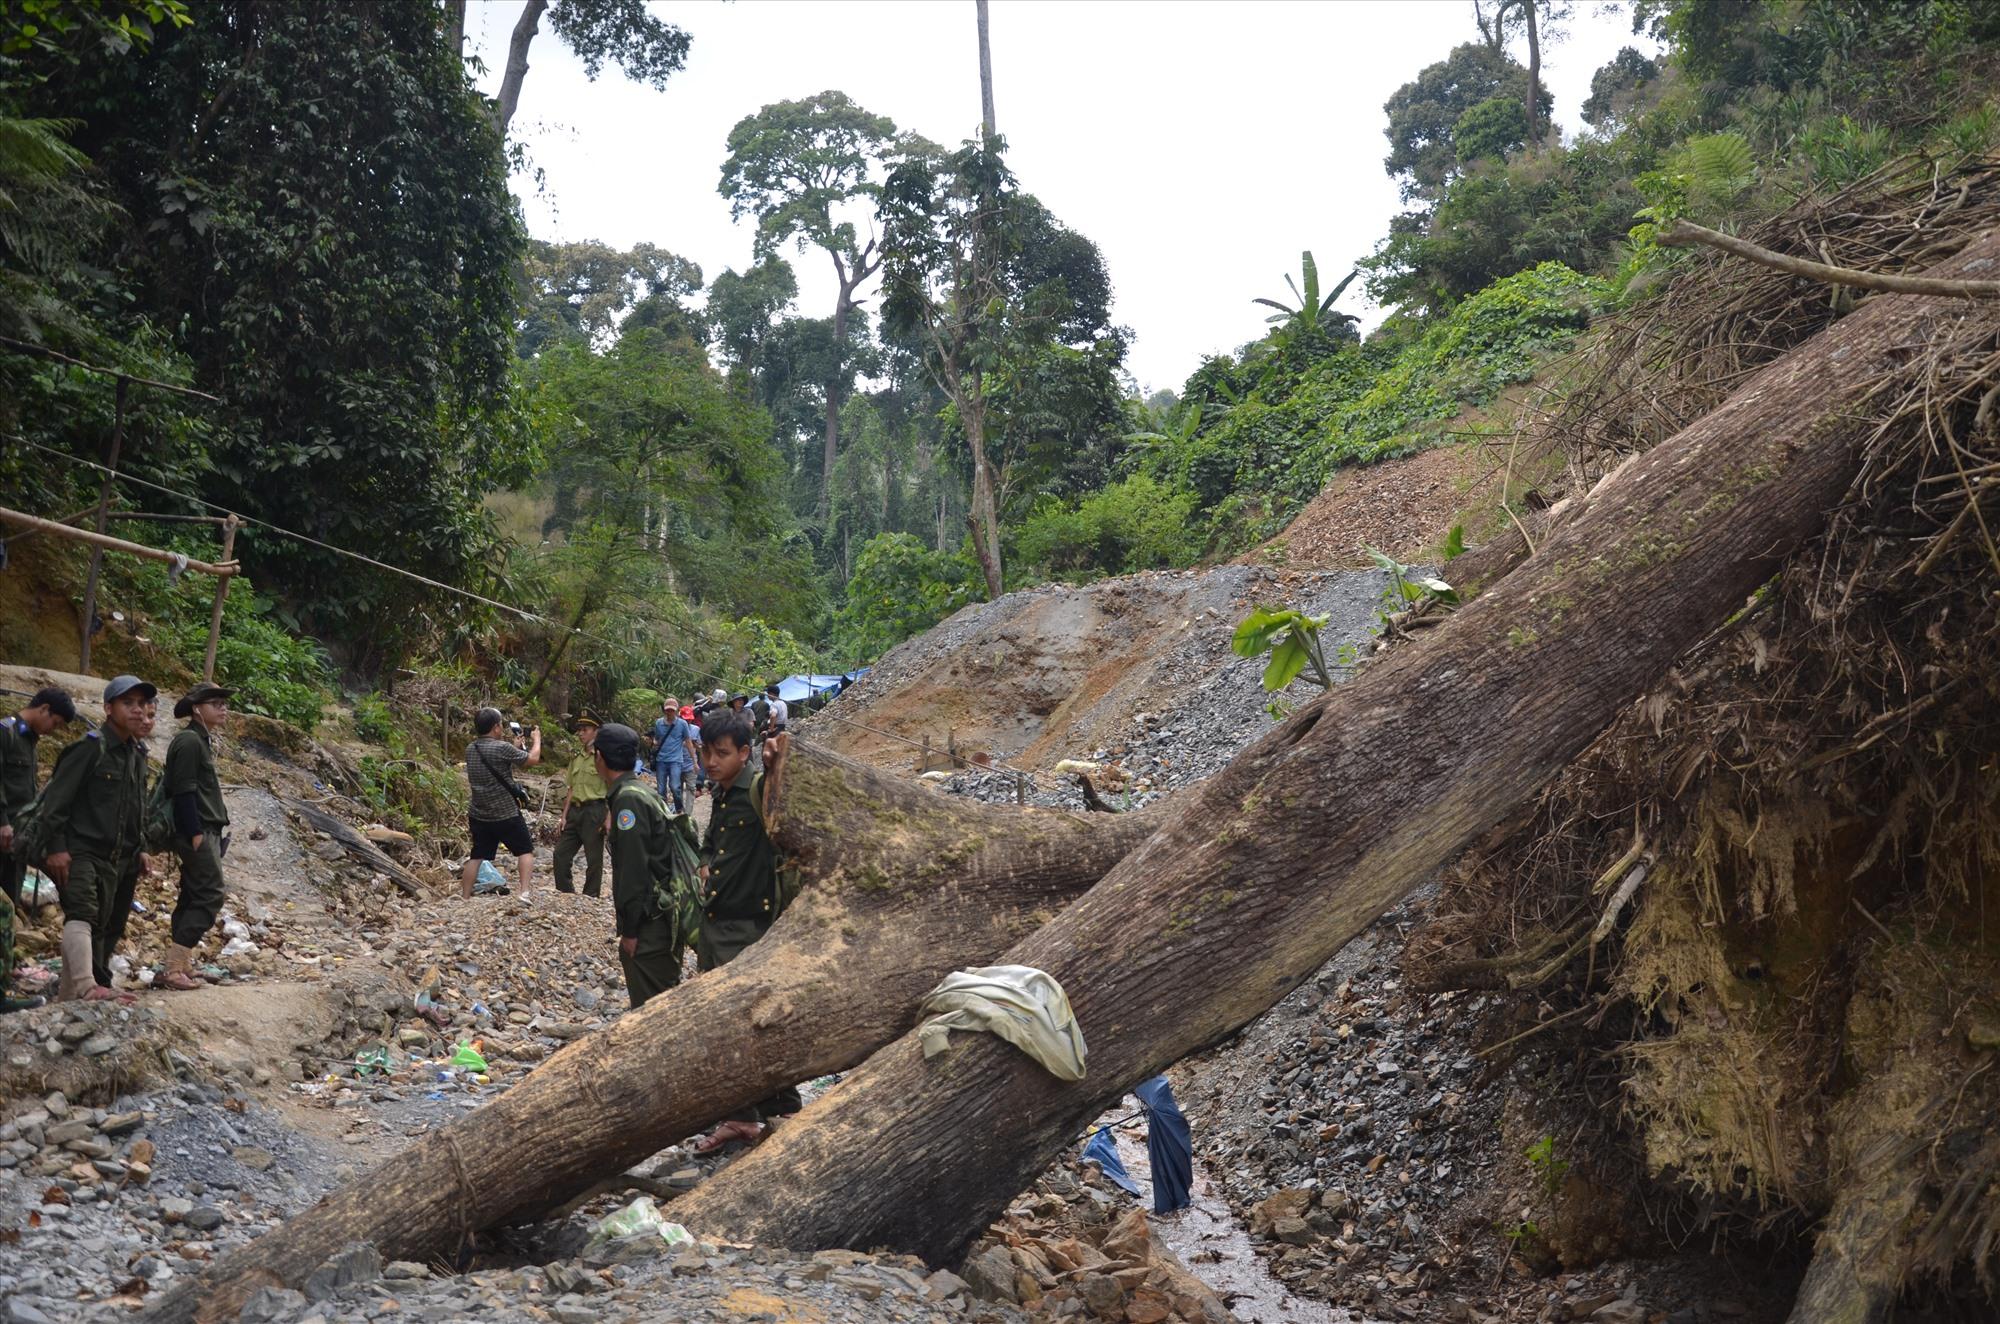 Nhiều cây cổ thụ trong Vườn Quốc gia Sông Thanh bị đốn hạ để xây dựng bãi vàng trái phép.